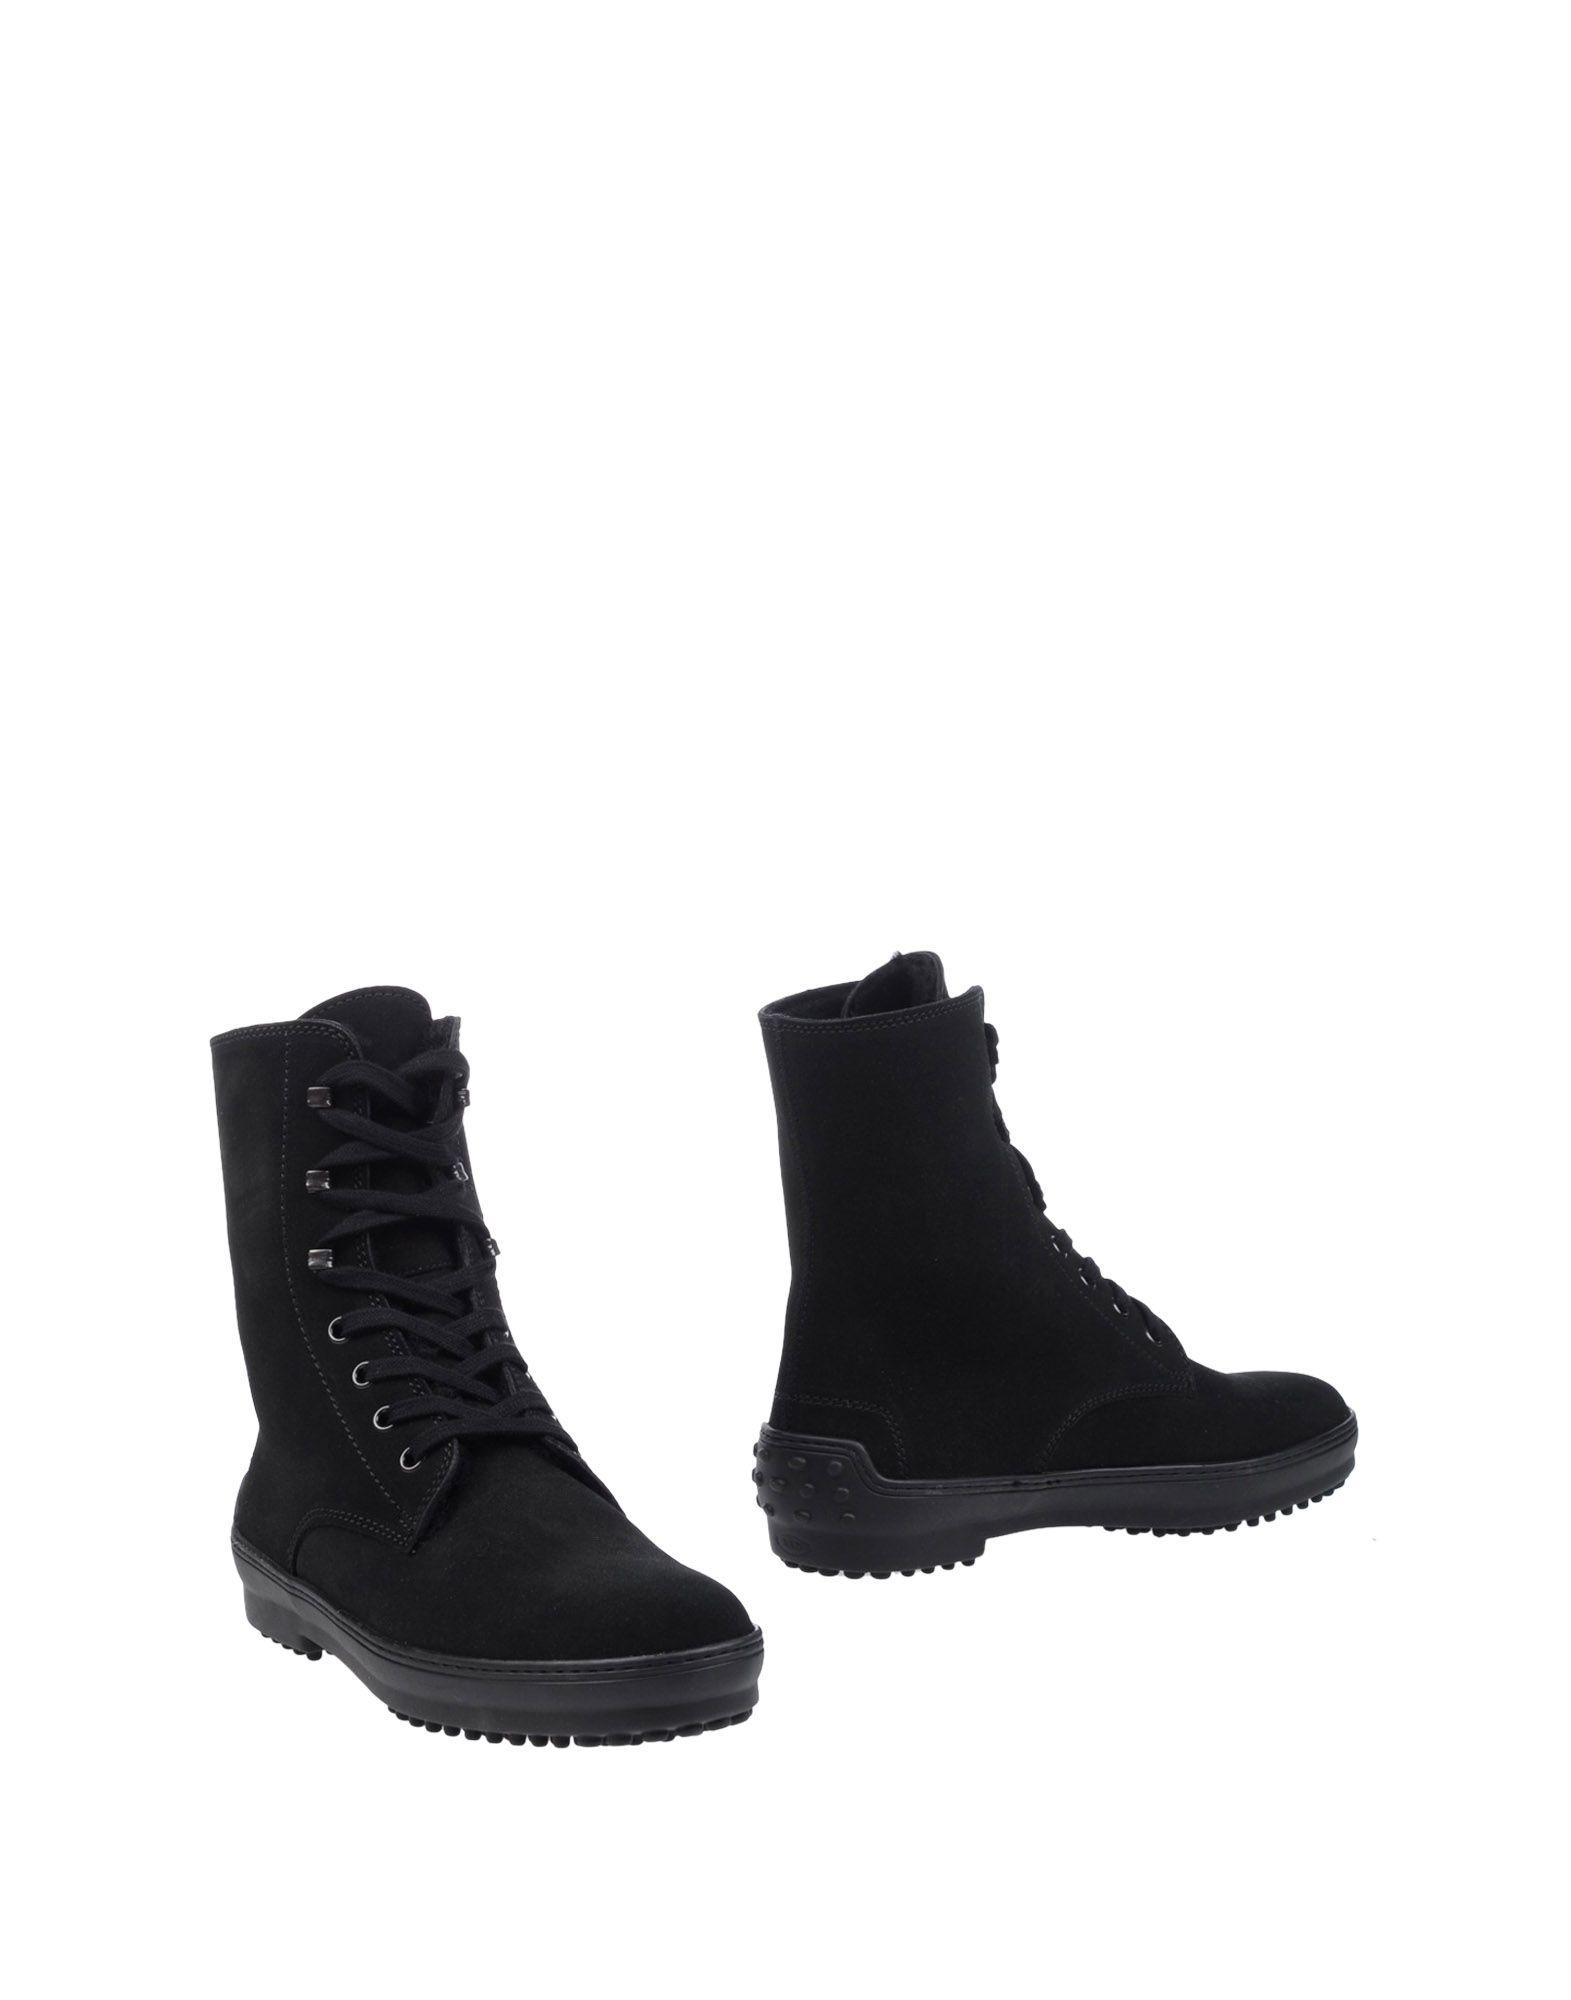 Tod's Stiefelette Damen  11299944TNGünstige Schuhe gut aussehende Schuhe 11299944TNGünstige 3a1229